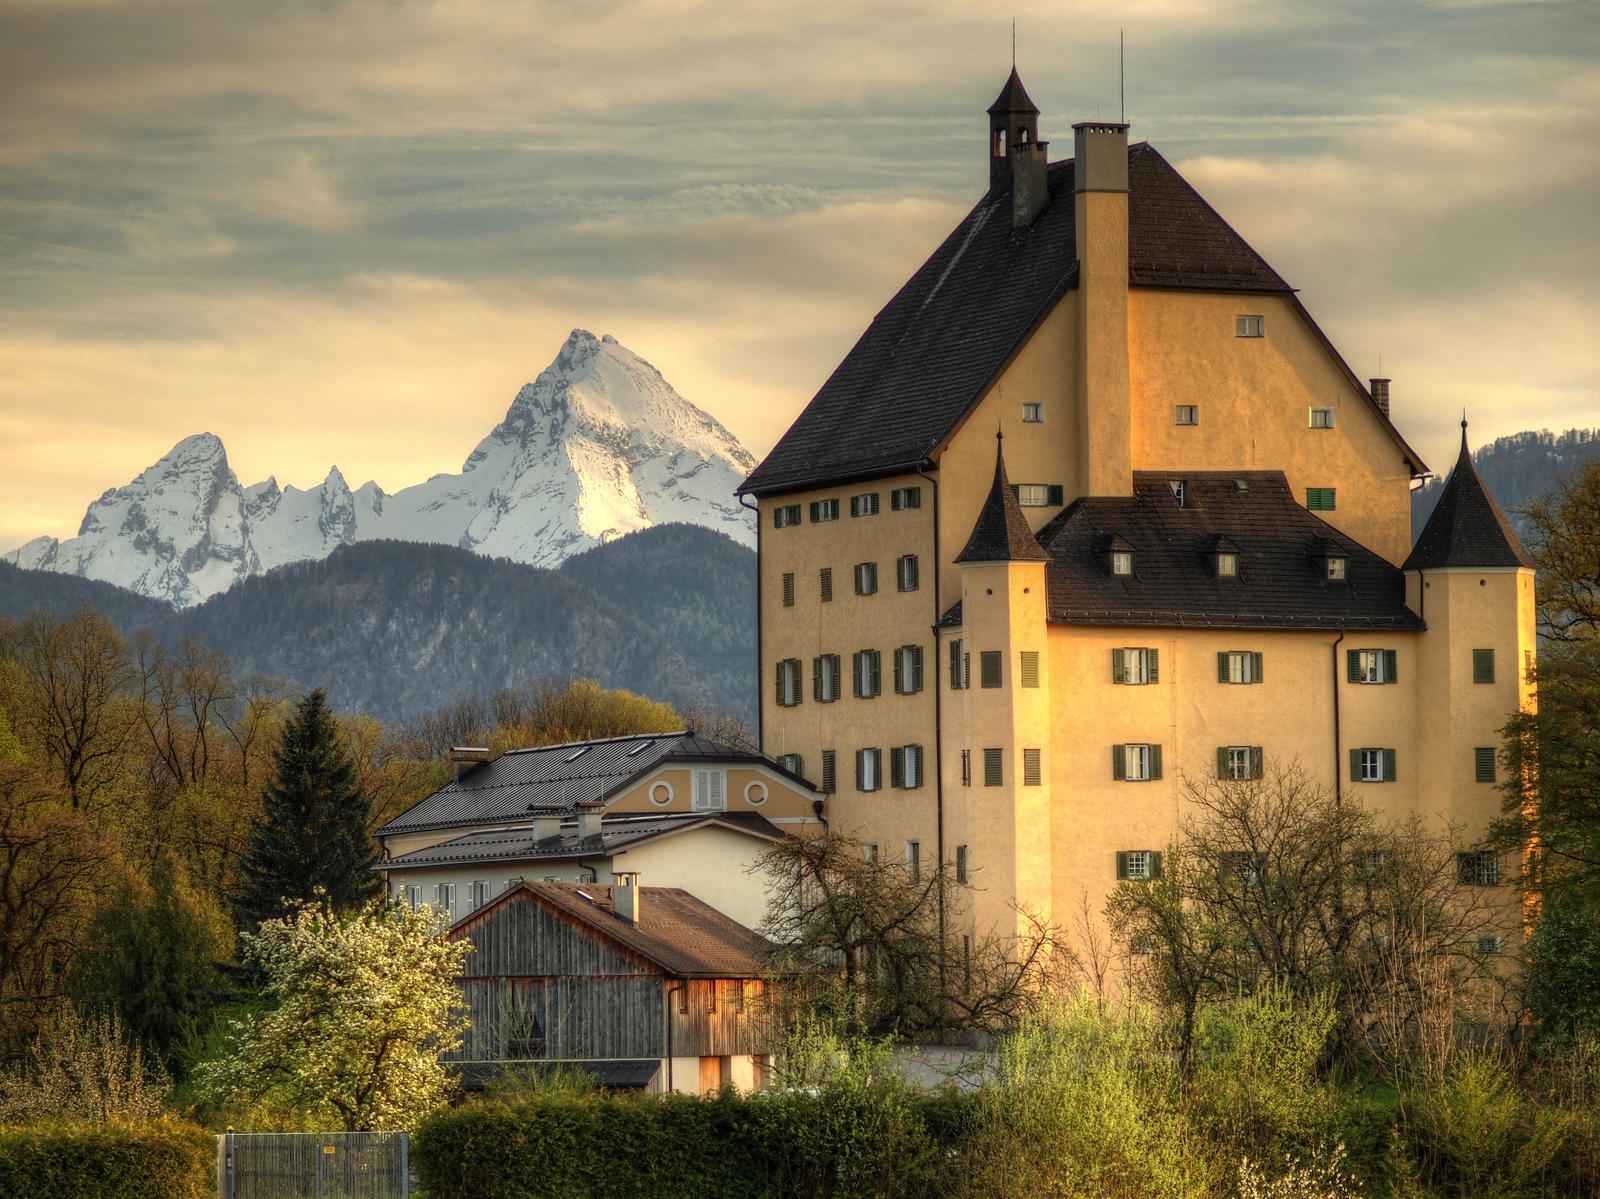 Goldenstein Castle And Mount Watzmann by Burtn